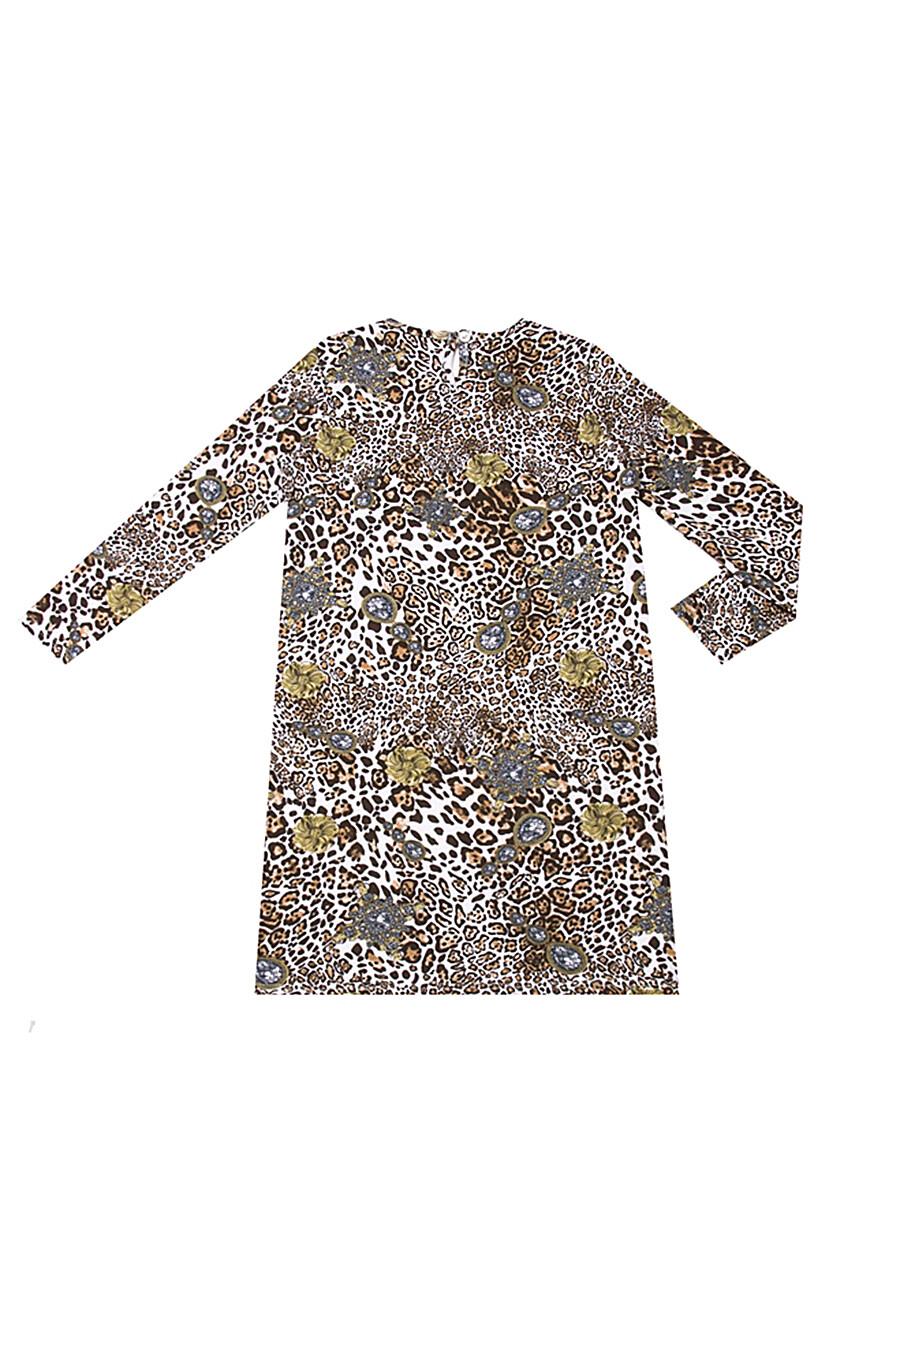 Платье для девочек Archi 131803 купить оптом от производителя. Совместная покупка детской одежды в OptMoyo